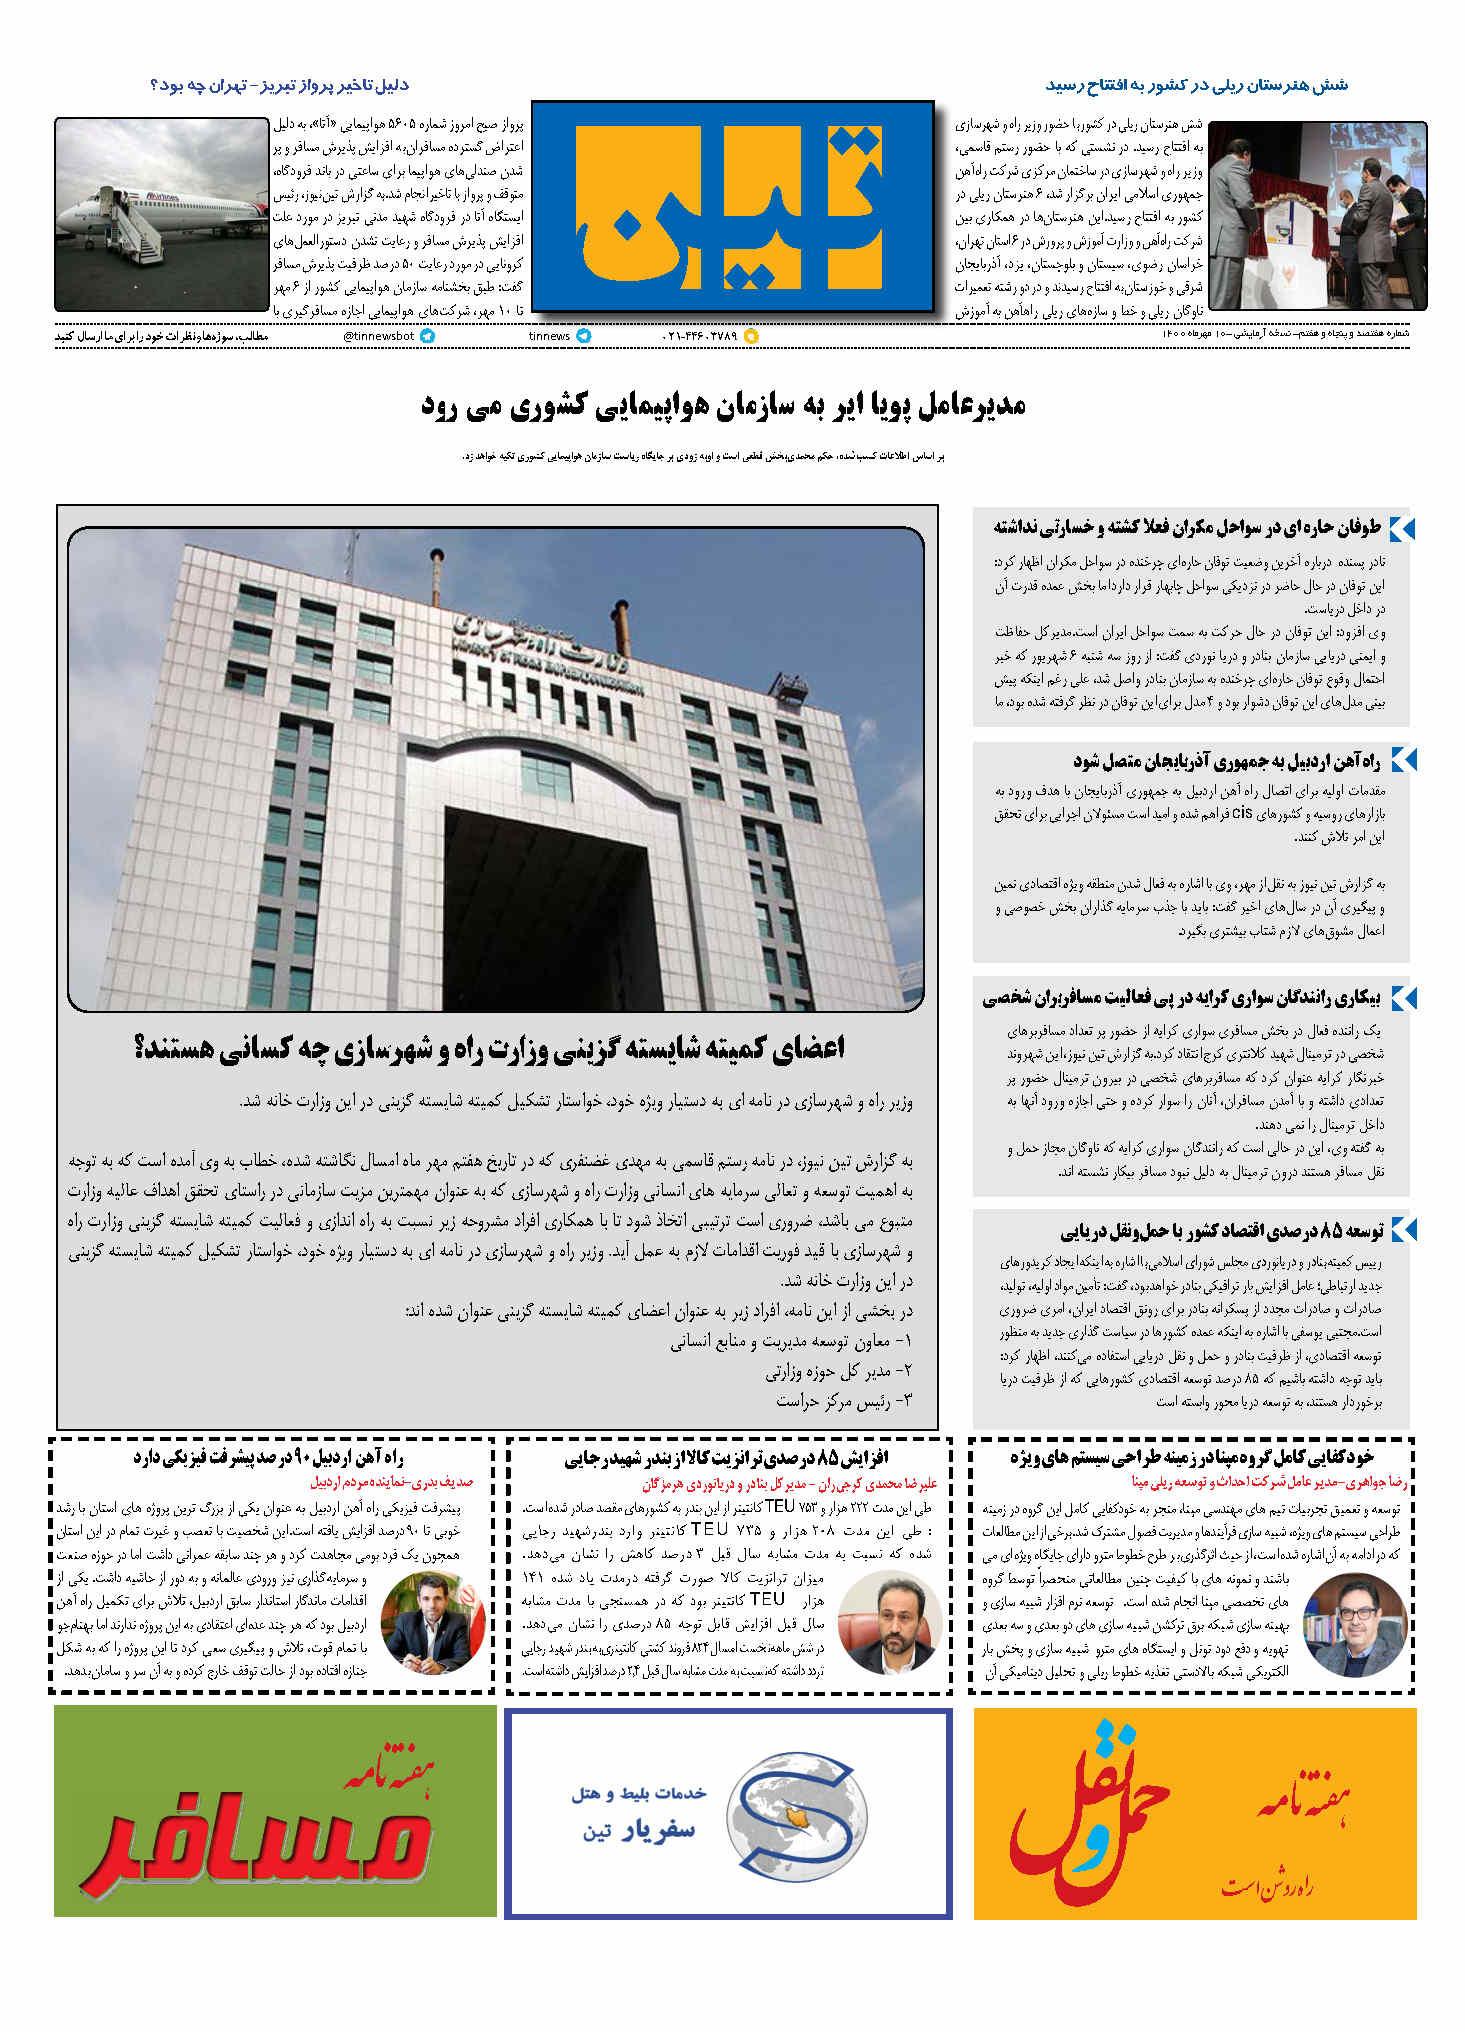 روزنامه الکترونیک 10 مهرماه 1400